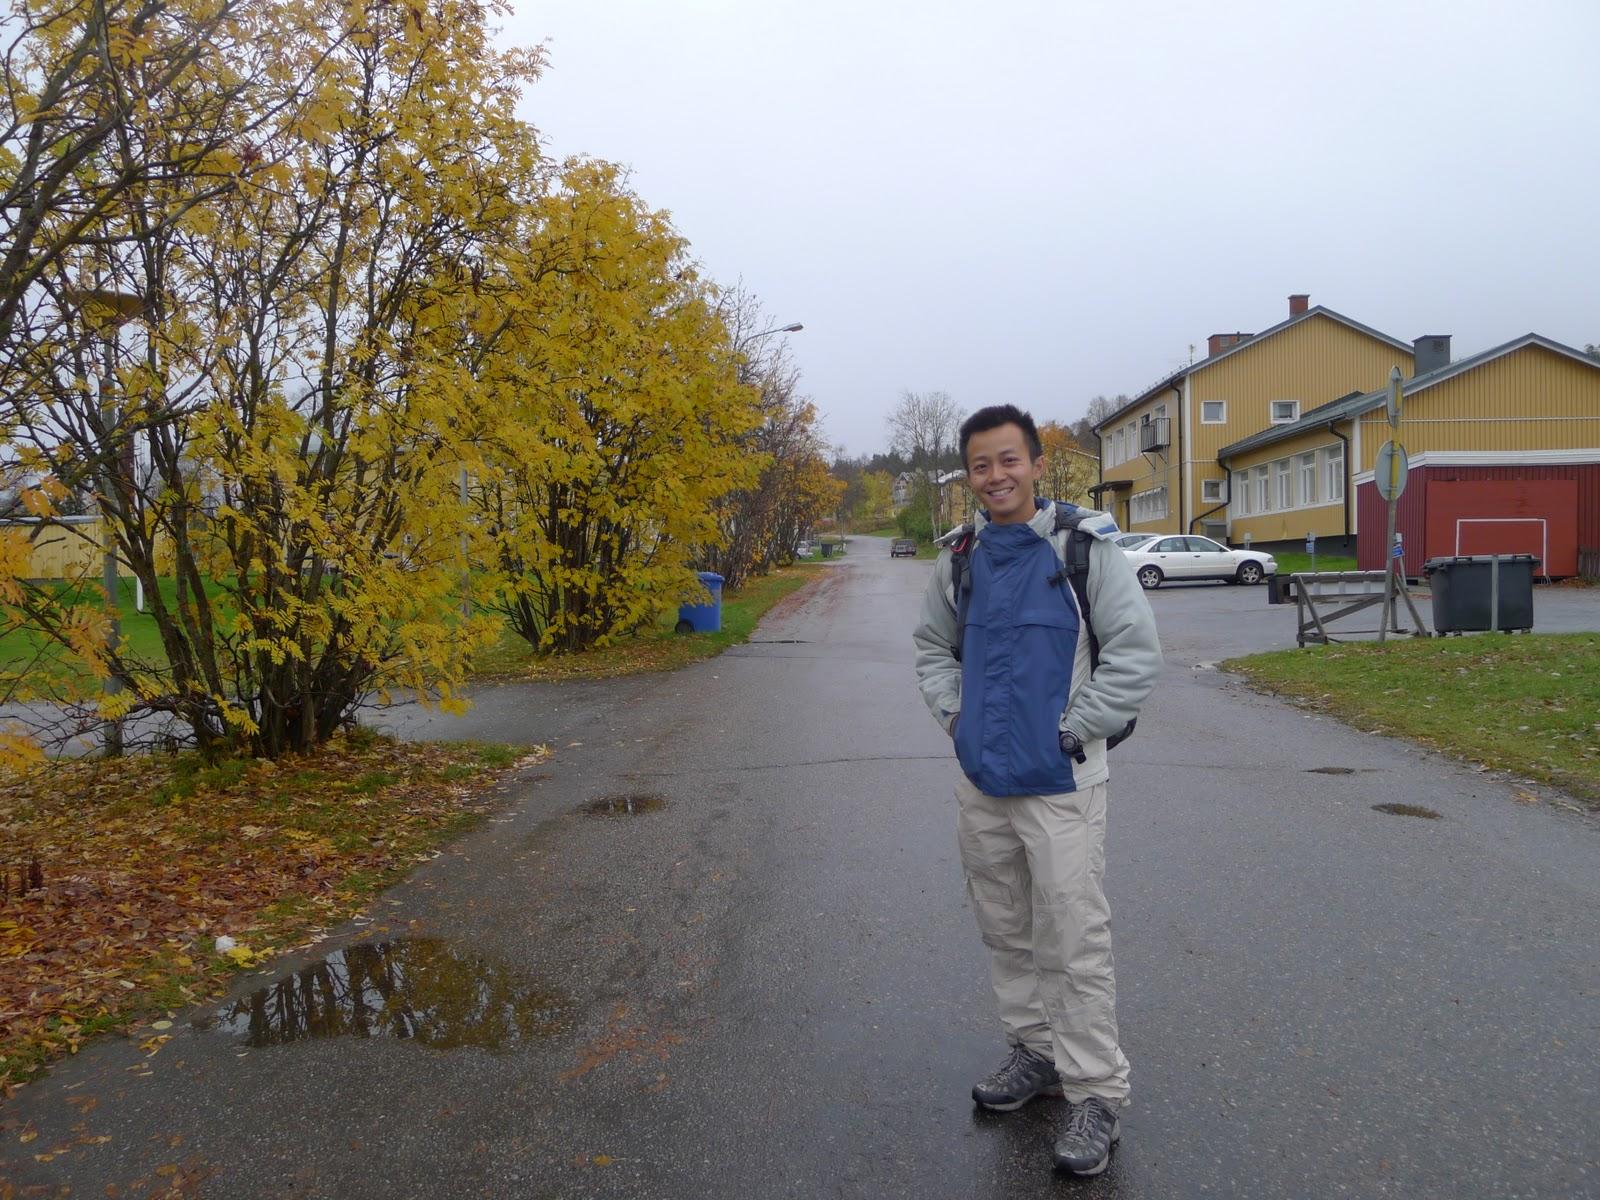 fischercamp in schweden für zwei personen